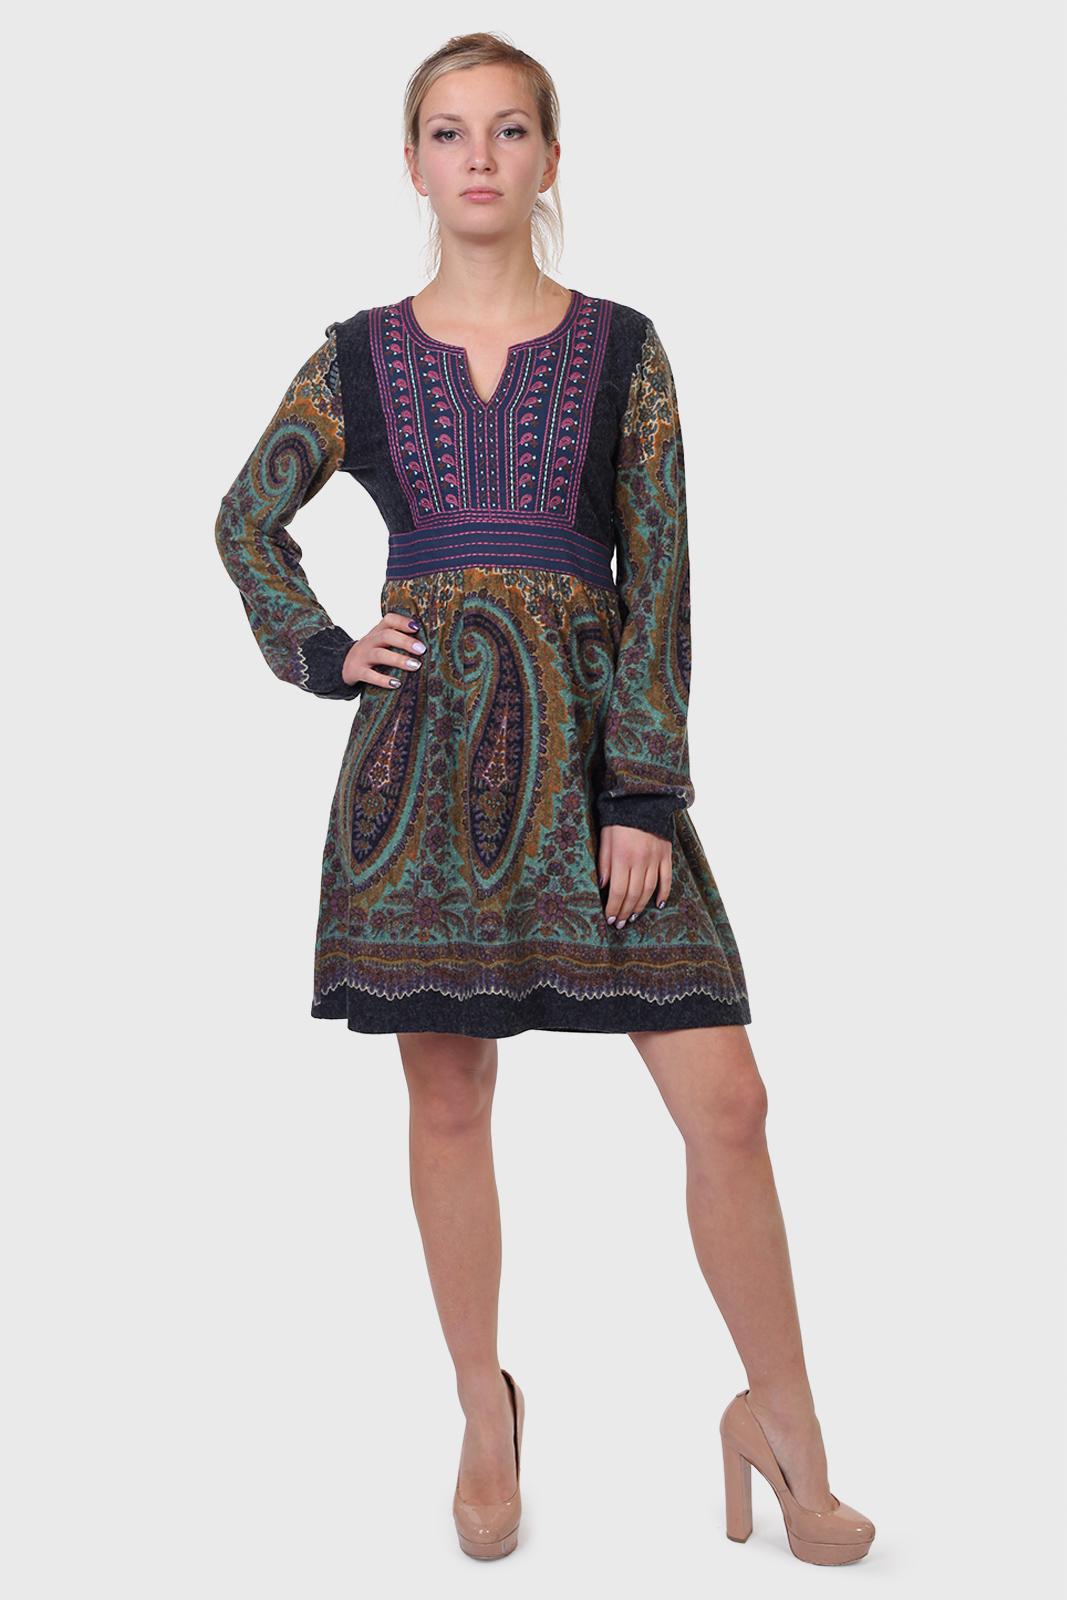 Купить в интернет магазине Военпро трикотажное платье на осень